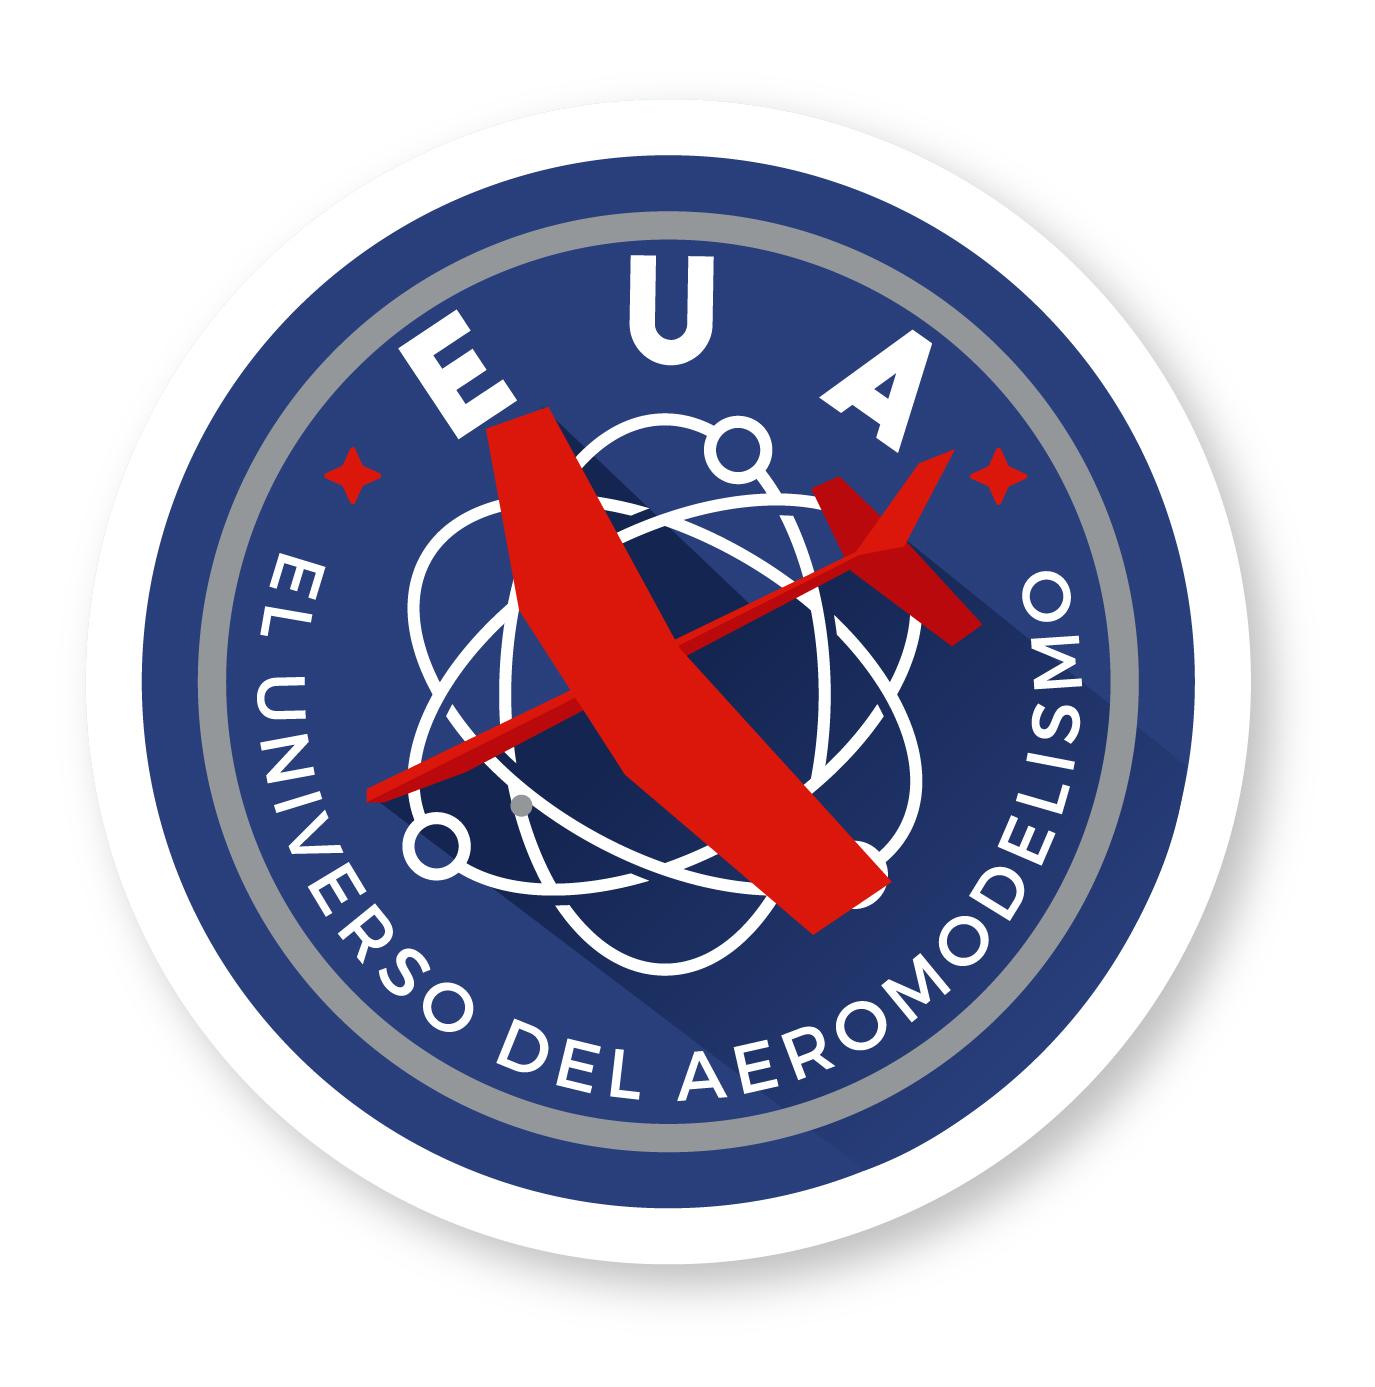 Logo Canal de Youtube El Universo del Aeromodelismo